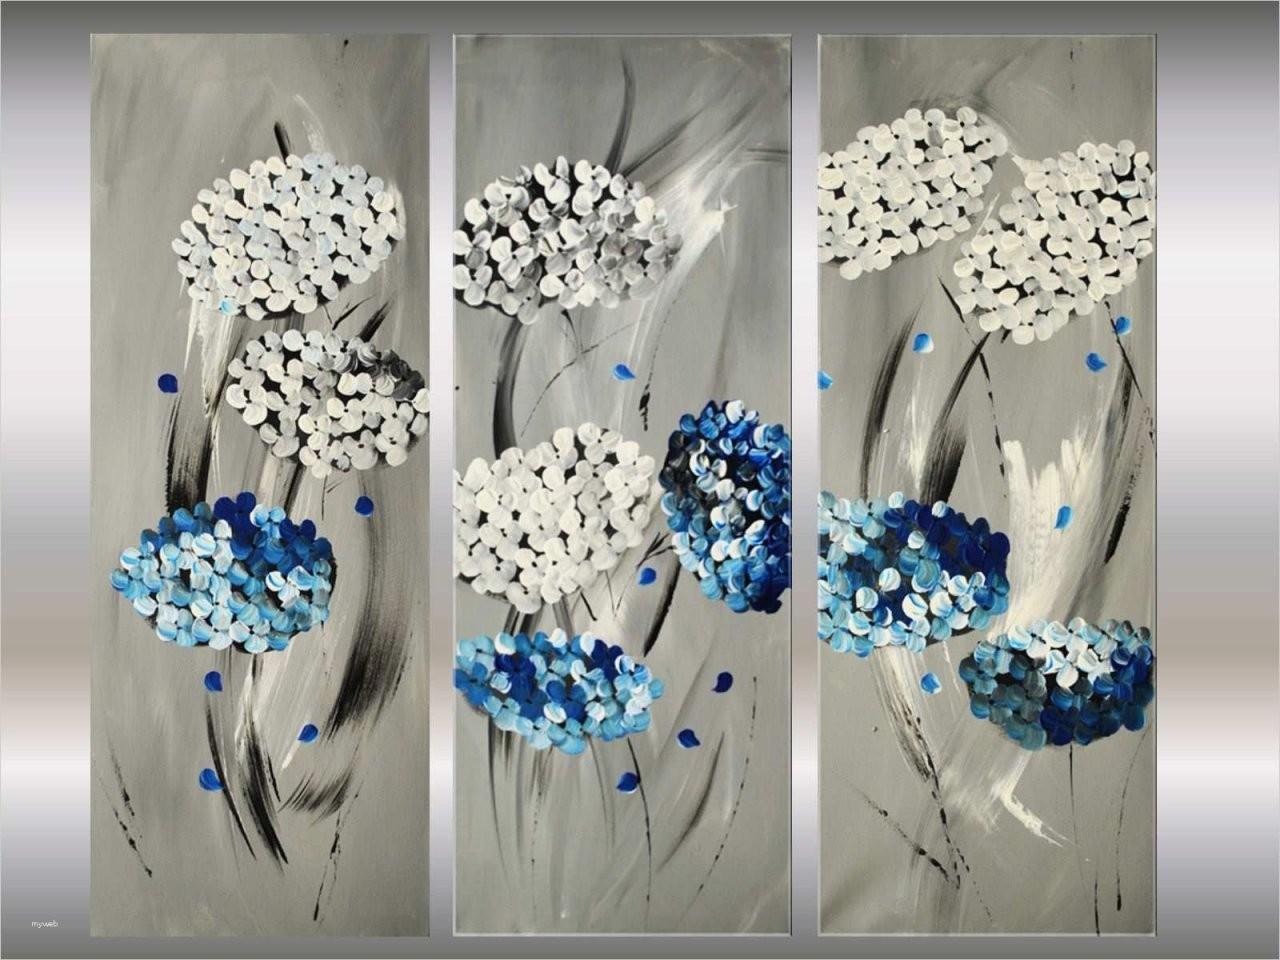 Auf Leinwand Malen 37 Originelle Einfache Ideen Mit Anleitung Bilder von Acrylbilder Selber Malen Vorlagen Photo